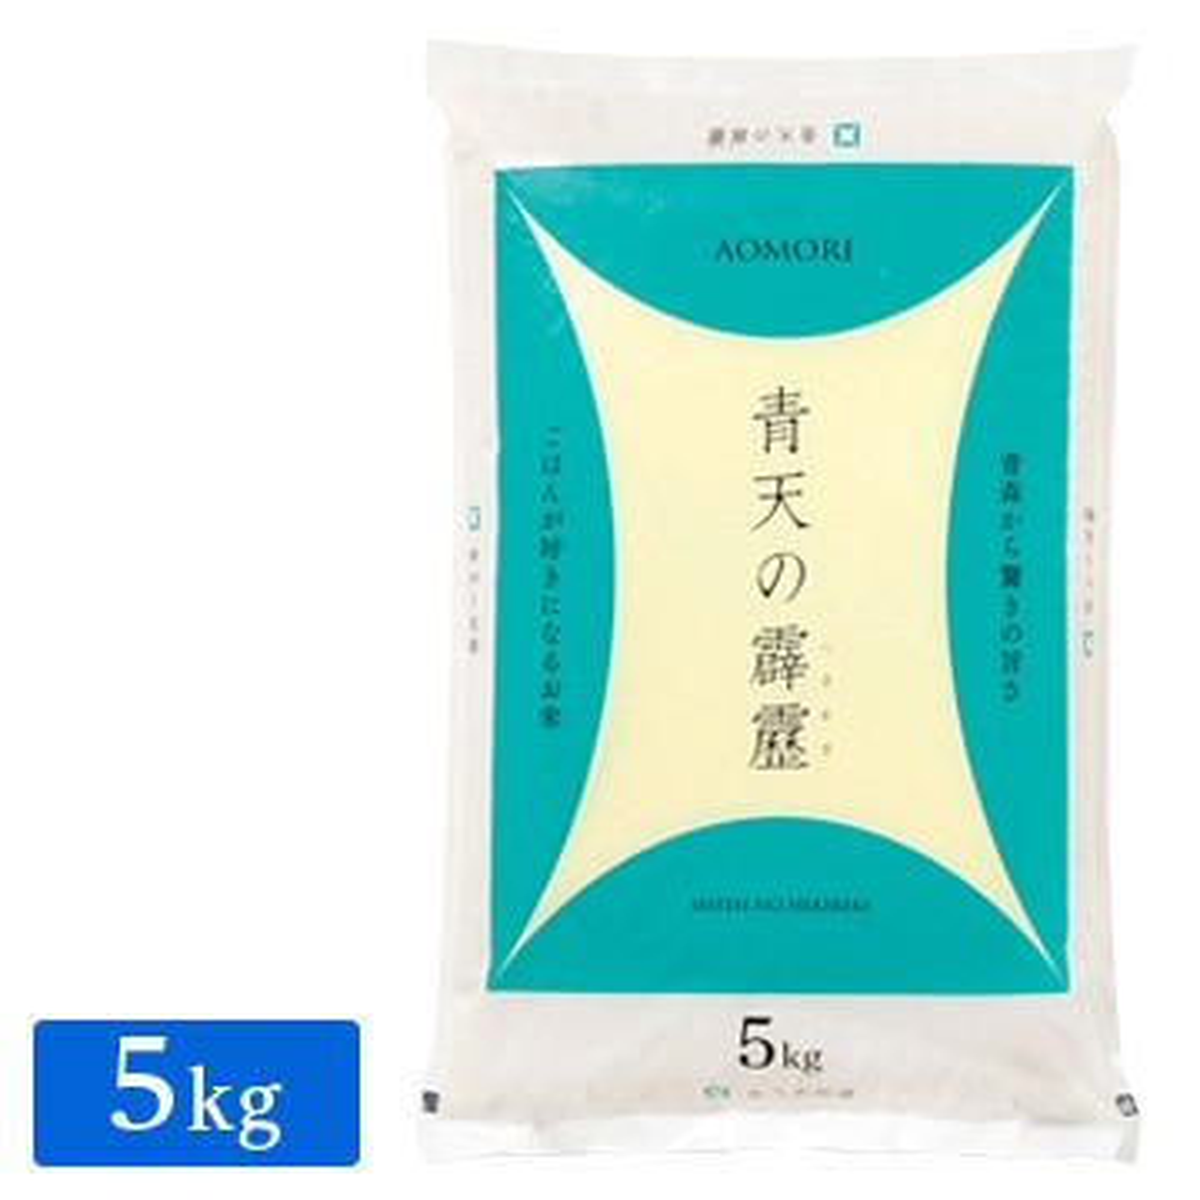 ■【精米】新米 令和2年産 青森県産 青天の霹靂 5kg(1袋)